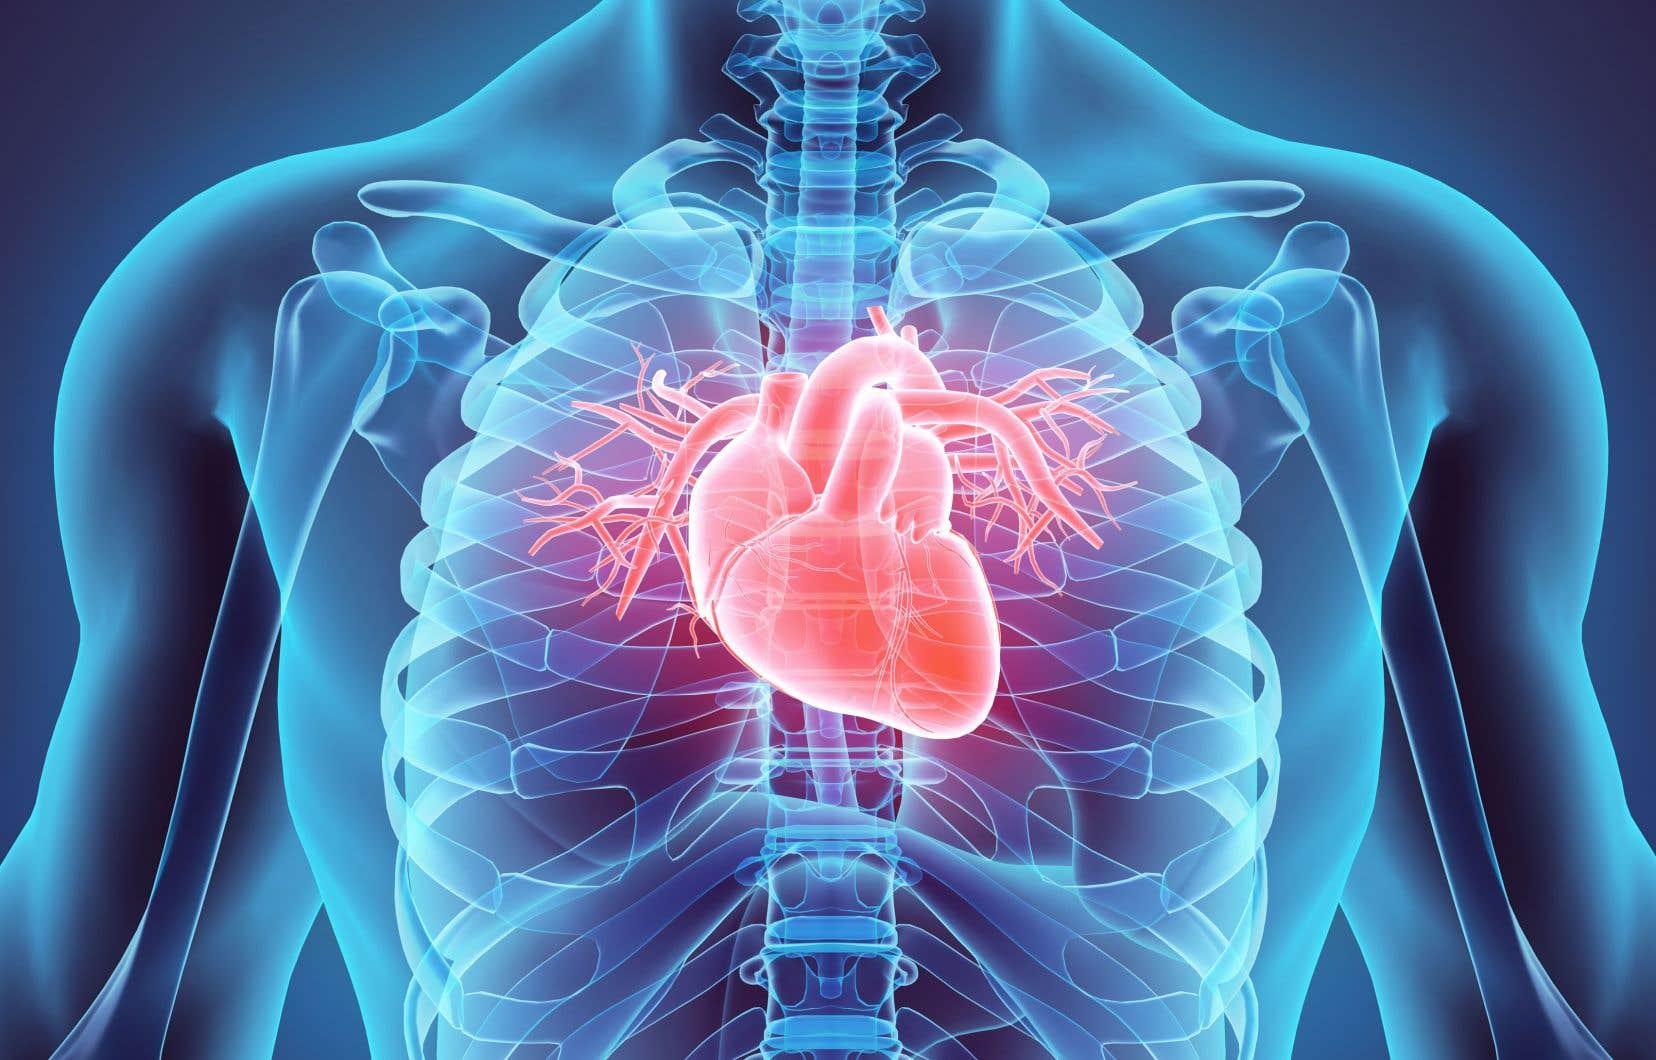 Neuf Canadiens sur dix vivent avec au moins un facteur de risque de maladies cardiovasculaires.